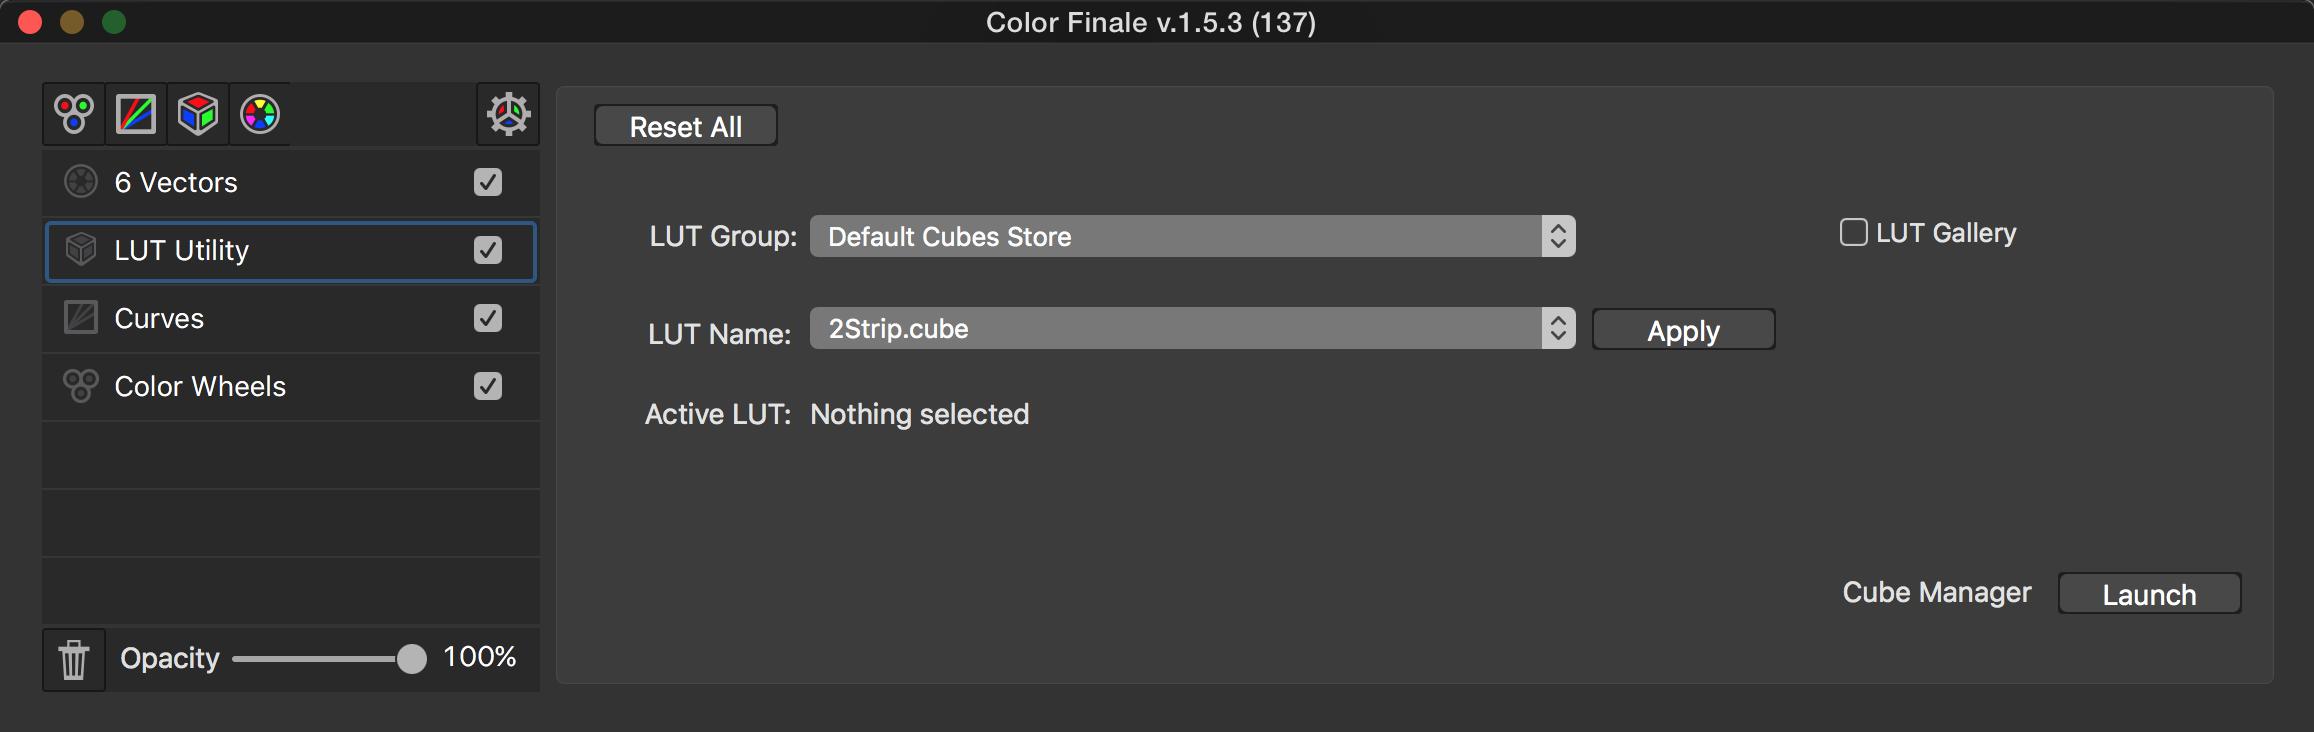 FCPX插件:专业电影颜色分级调色插件 ColorFinale V1.6.1(支持导入LUTS预设) - 第5张  | VFXREEL-逍遥影视CG部落